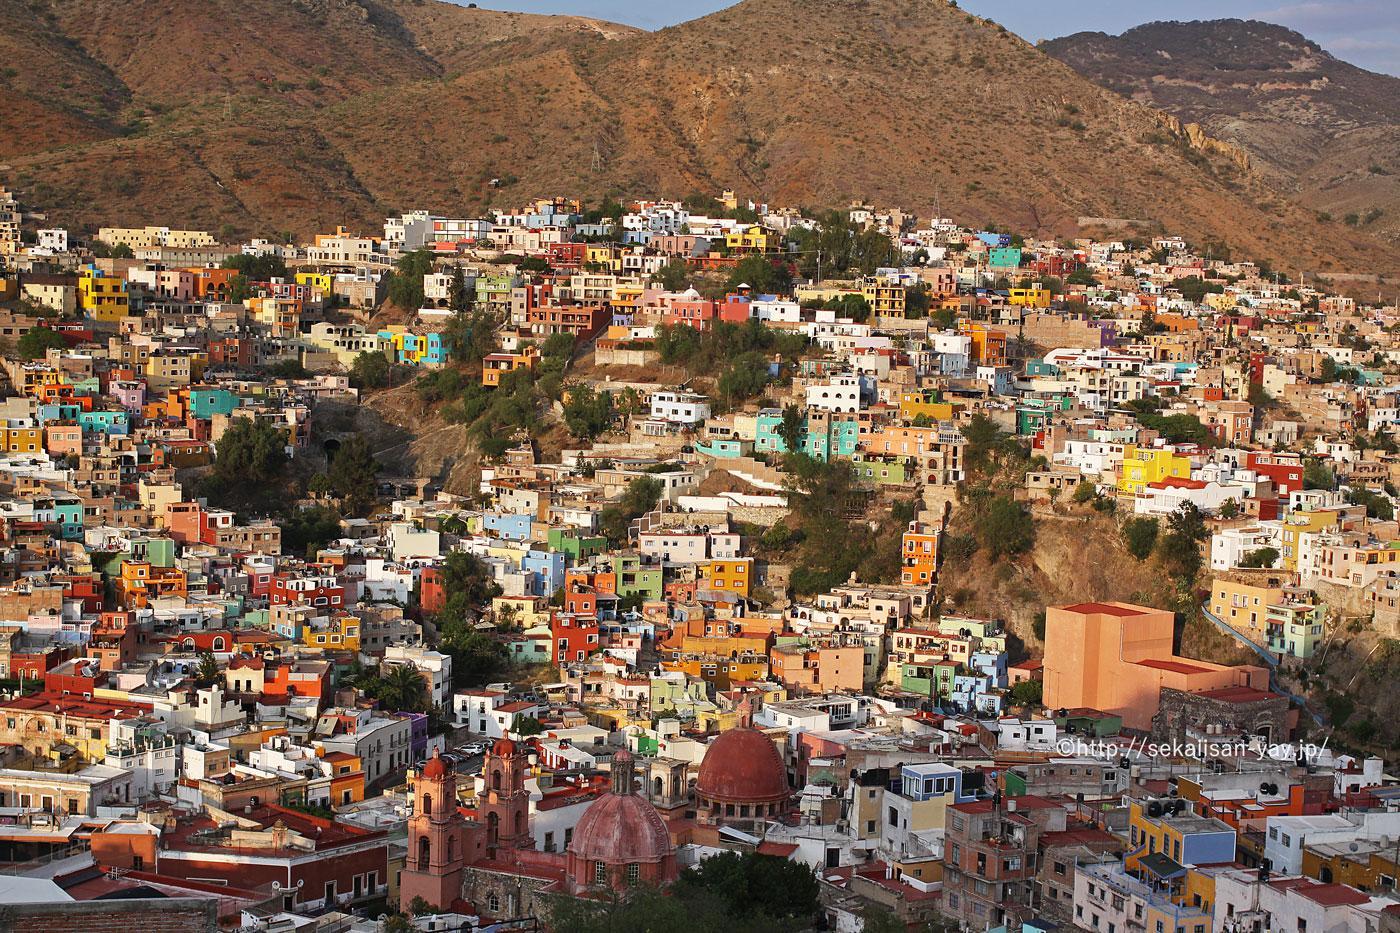 メキシコの世界遺産「古都グアナフアトとその銀鉱群」